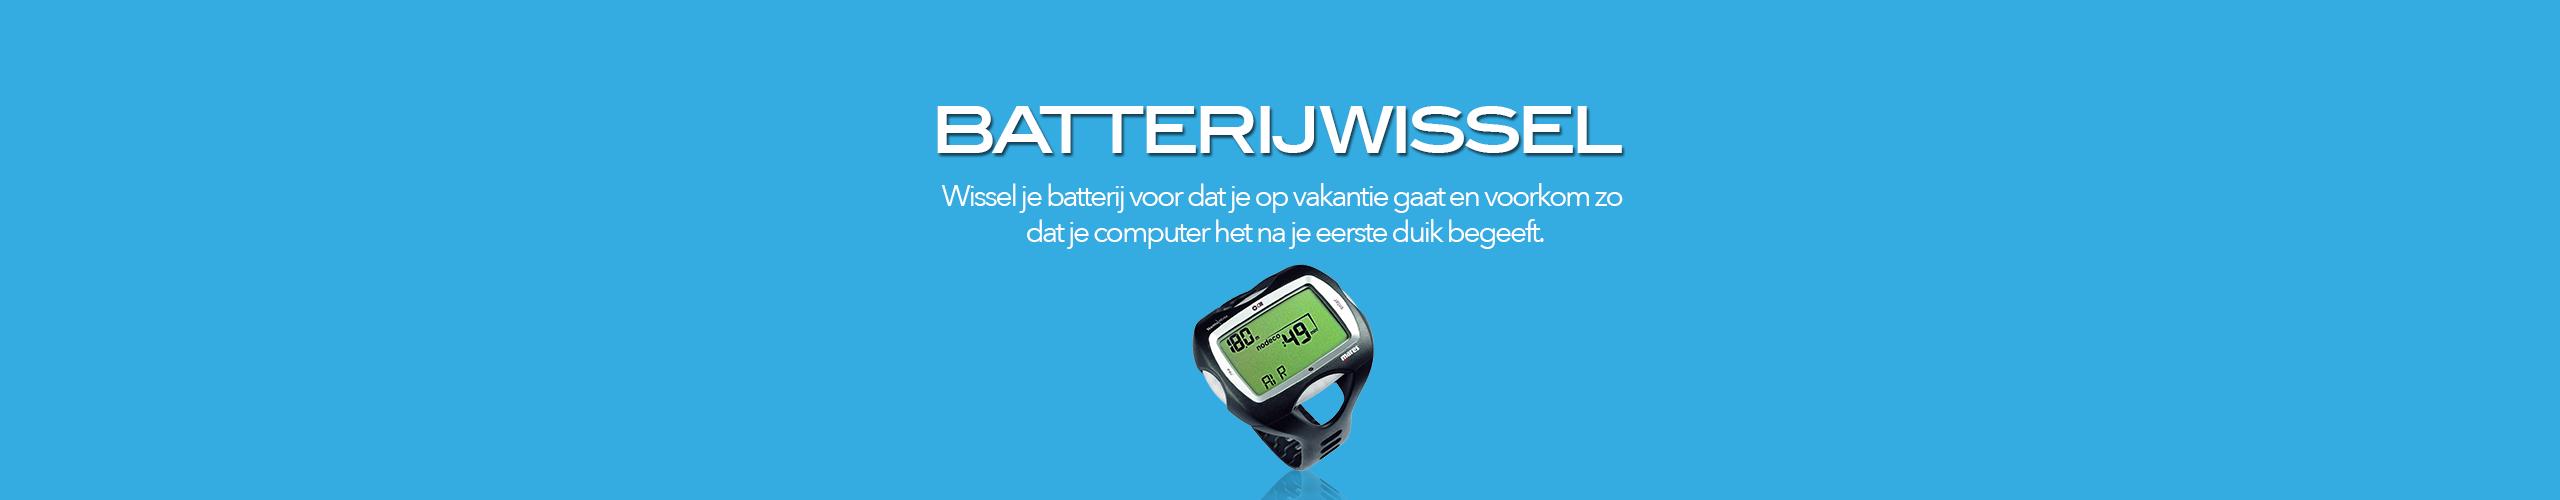 Batterijwissel computer